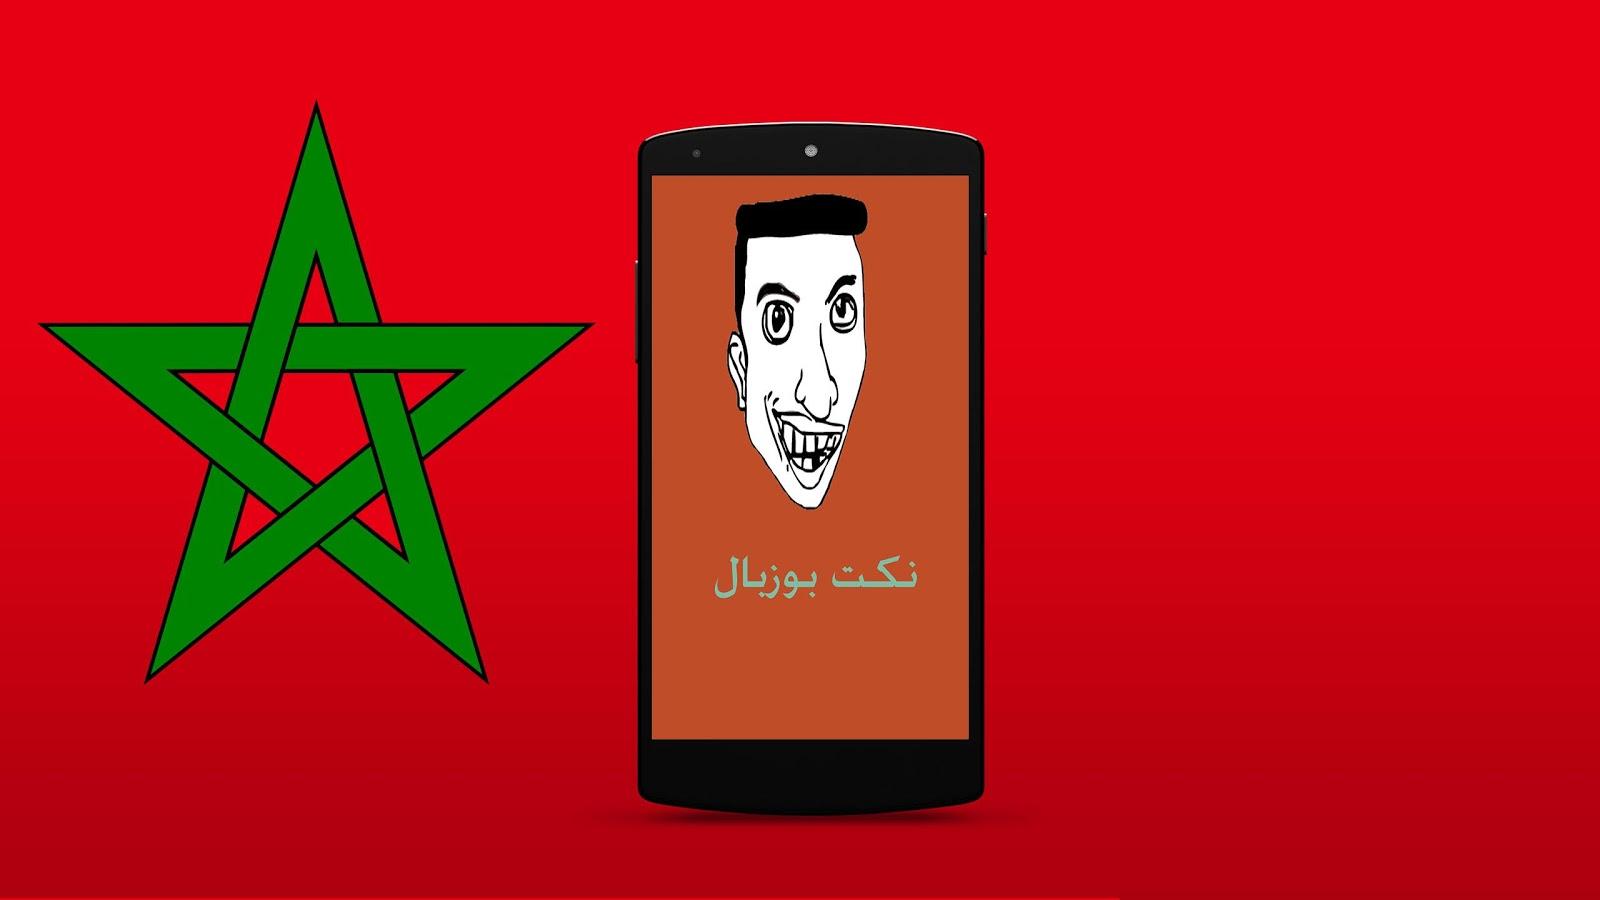 بالصور نكات مغربية , اكبر مجموعة نكت مغربية تموت من الضحك 4637 6